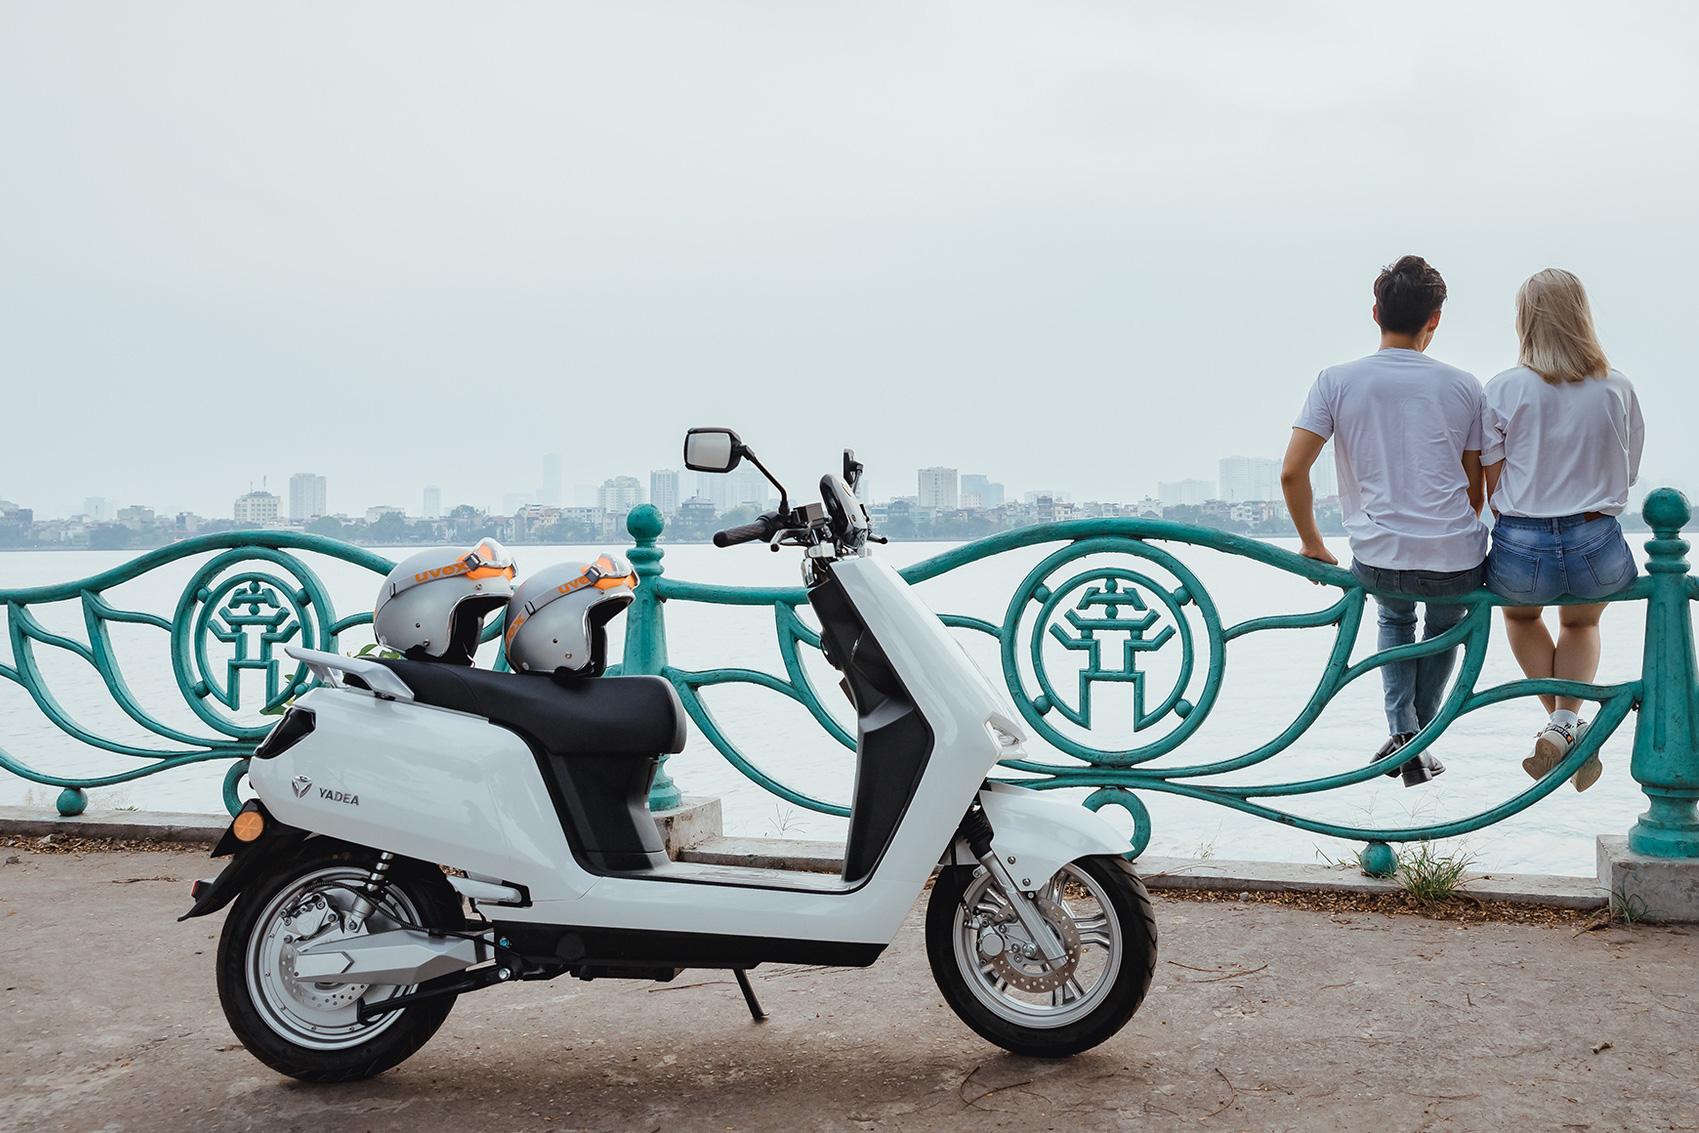 Ra mắt YADEA BuyE: Xe máy điện to ngang Honda LEAD, giá 22 triệu đồng, đi được hơn 90 km/sạc